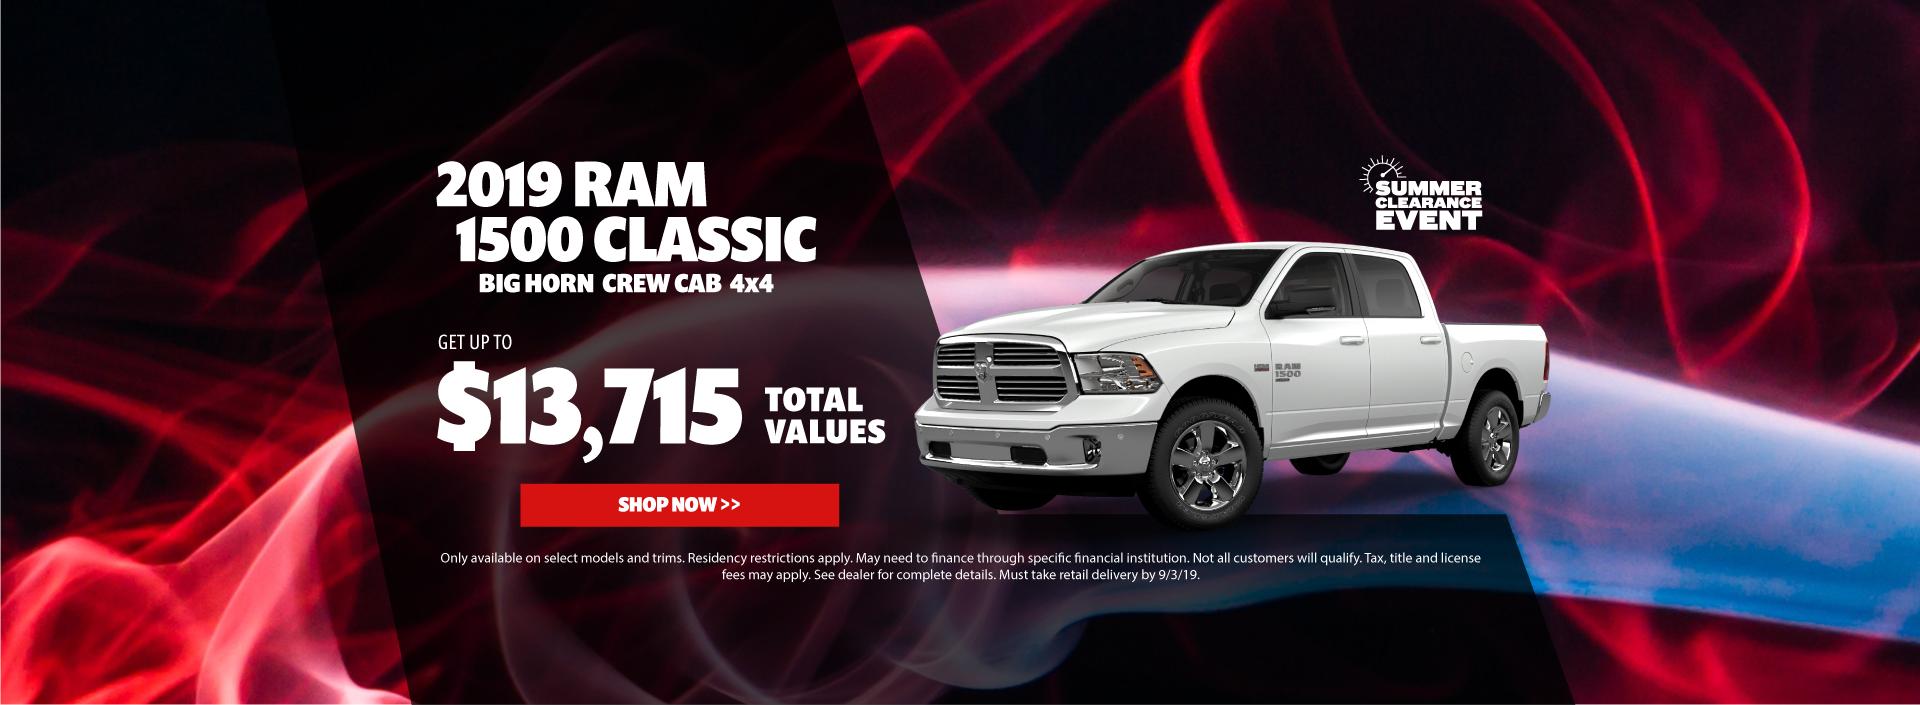 2019 Ram 1500 Classic Special